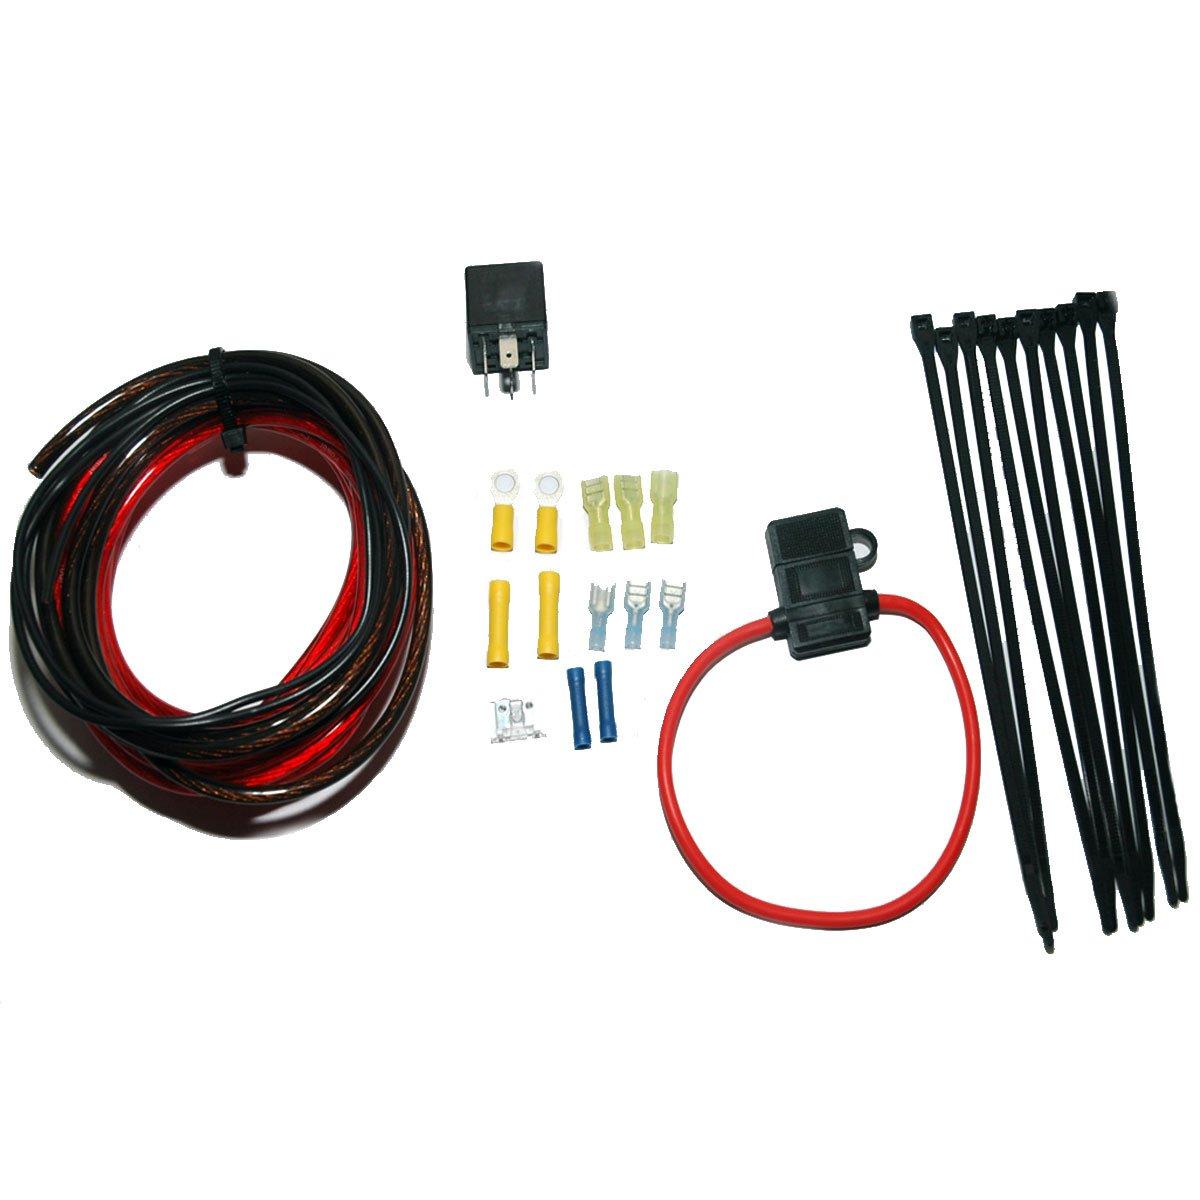 Amazon.com: Fuel Pump Wiring Replacement Kit for 2003-05 Dodge Neon SRT-4  SRT4: Automotive